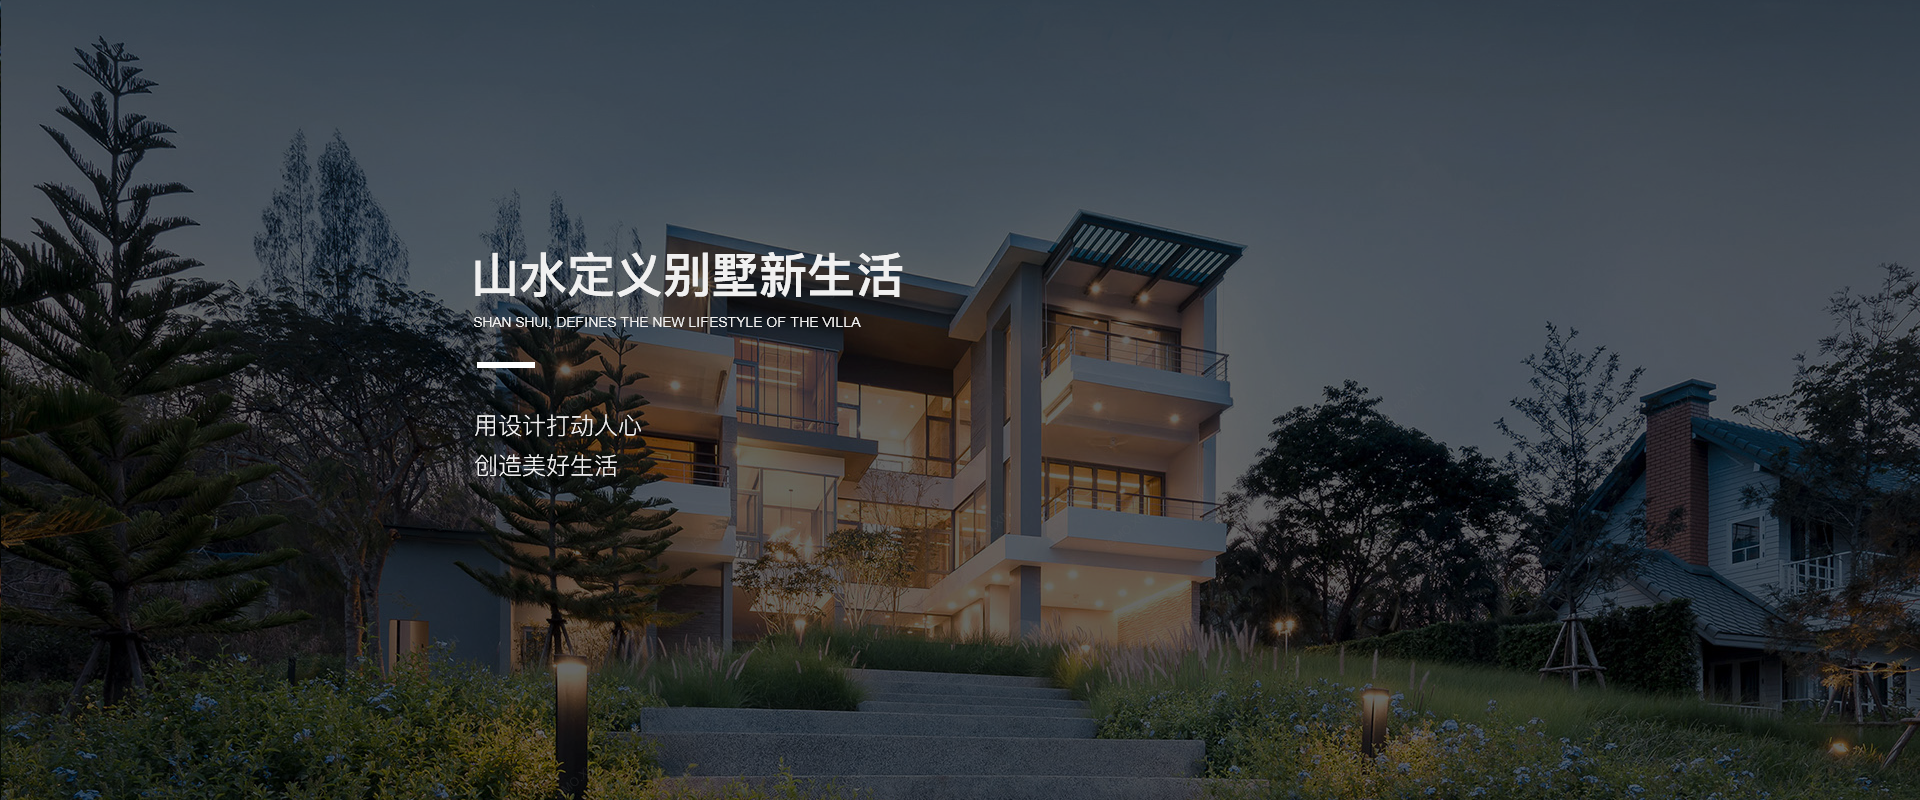 山水装饰定义别墅新生活